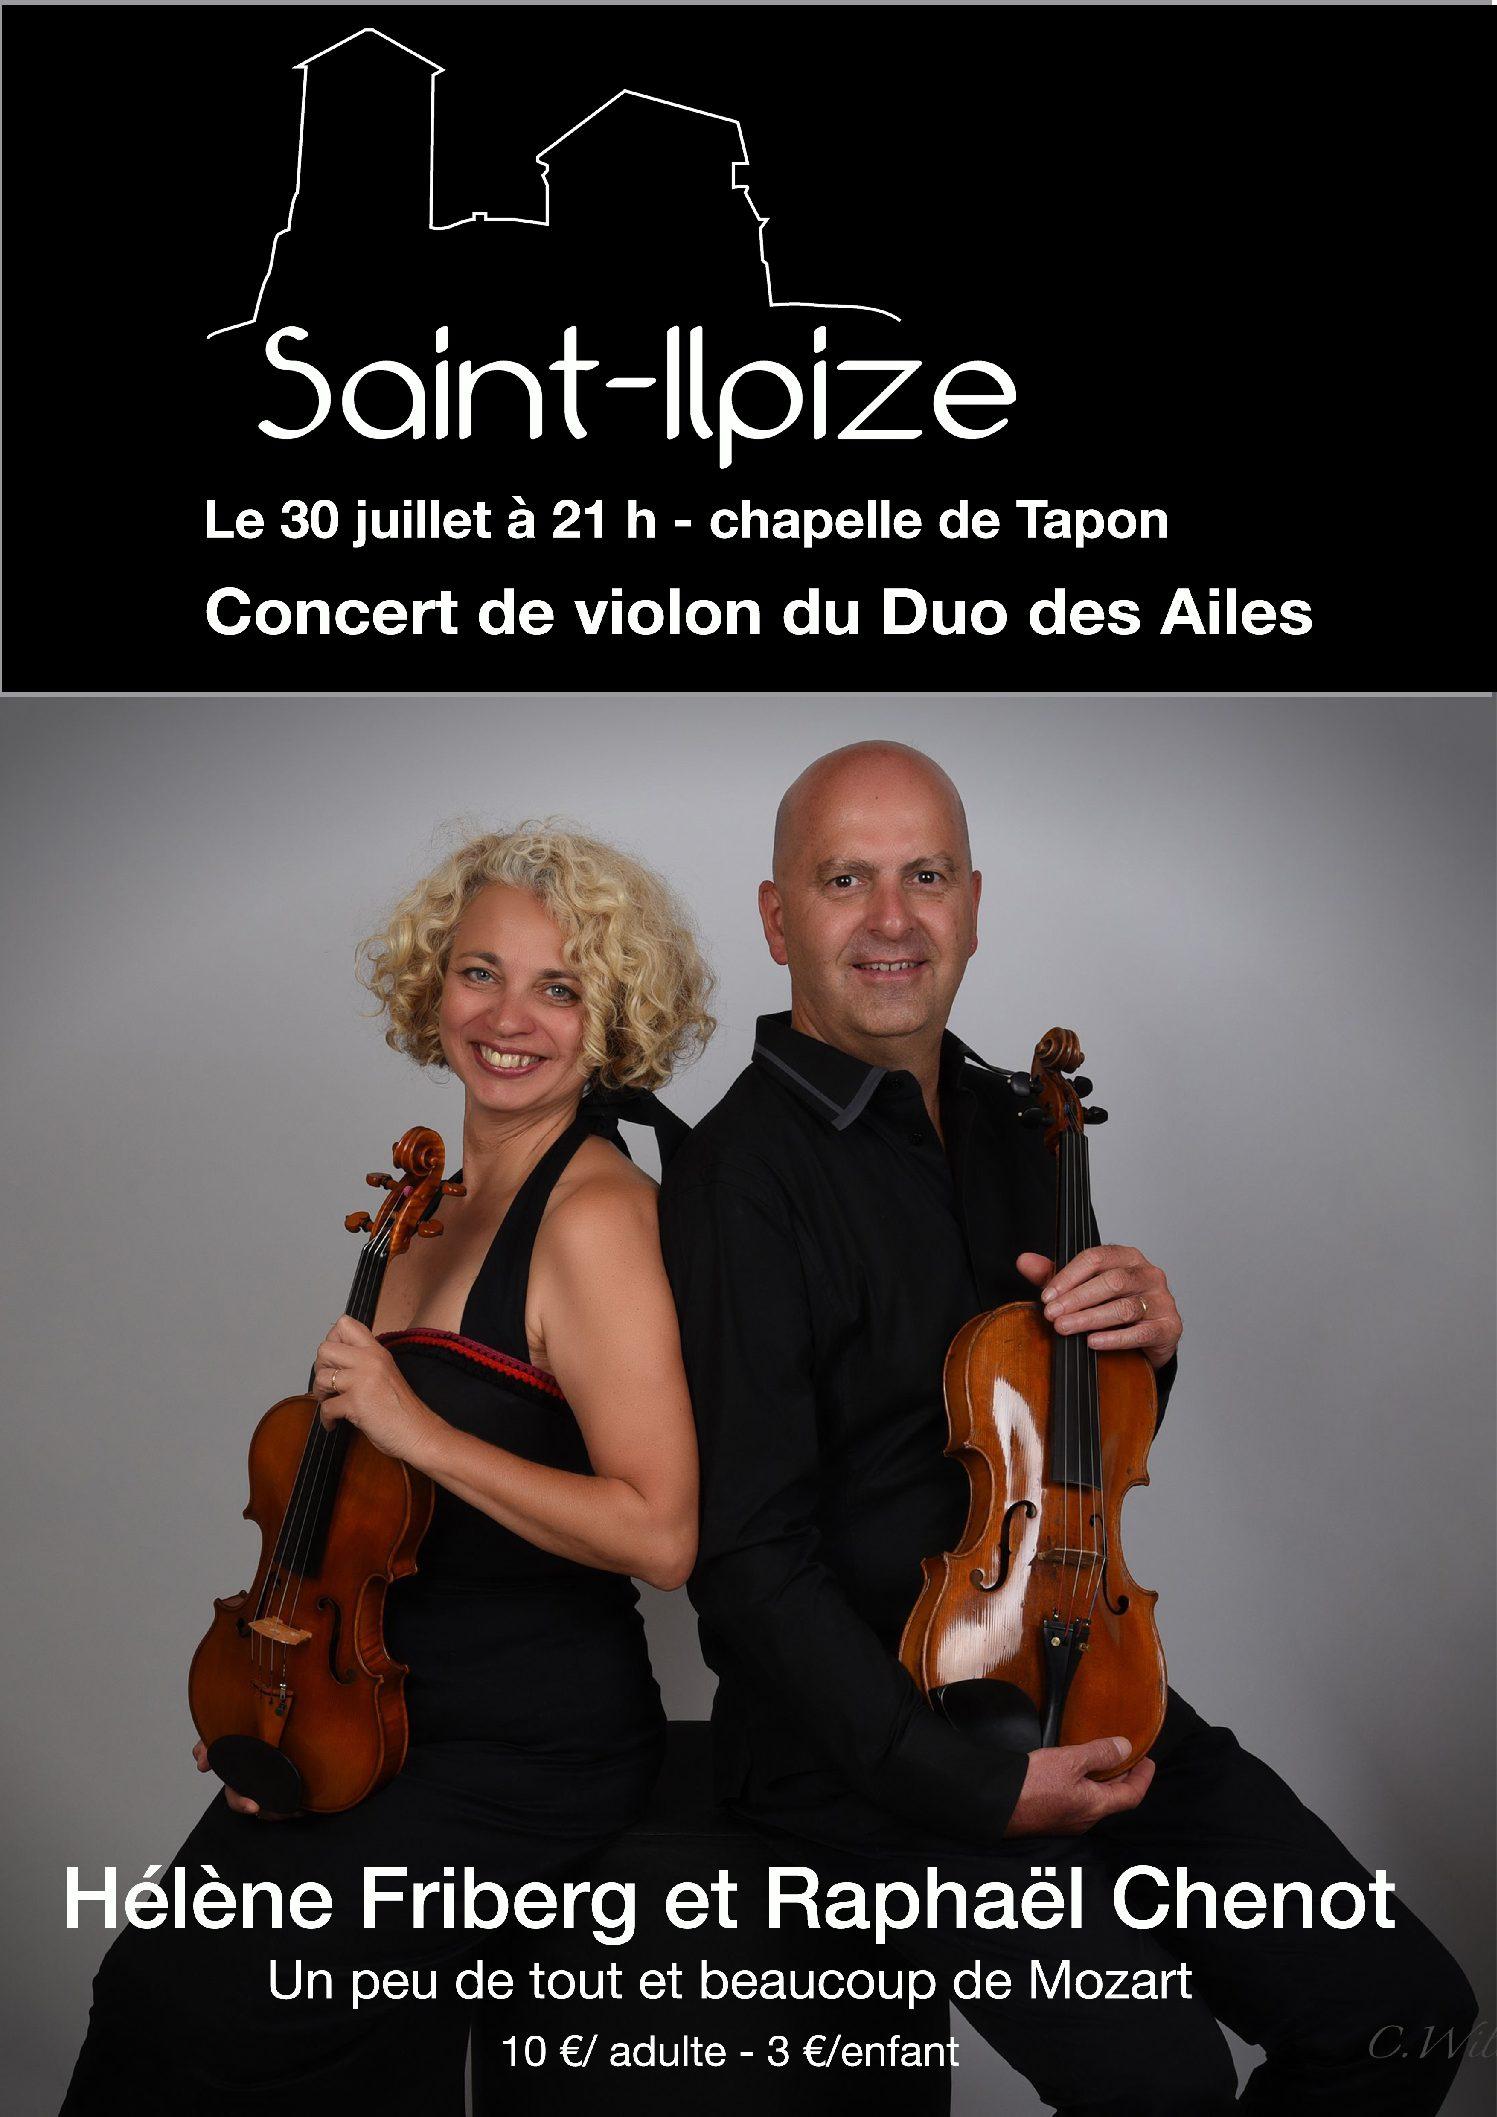 Concert : Un peu de tout et beaucoup de Mozart